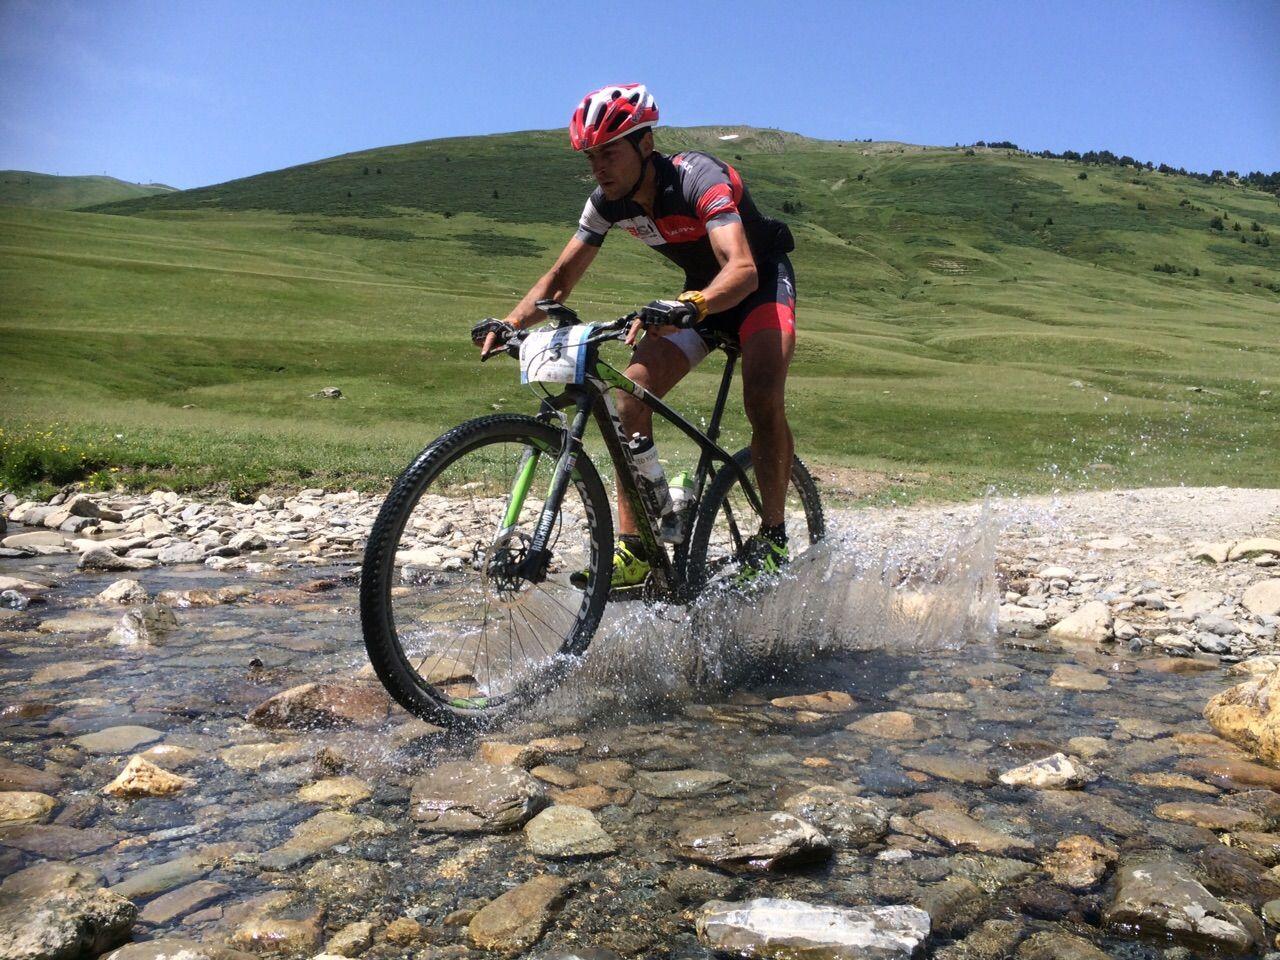 Pedals De Foc Una De Las Rutas De Mtb De Un Dia Mas Duras De Espana Mtb Rutas Europeos